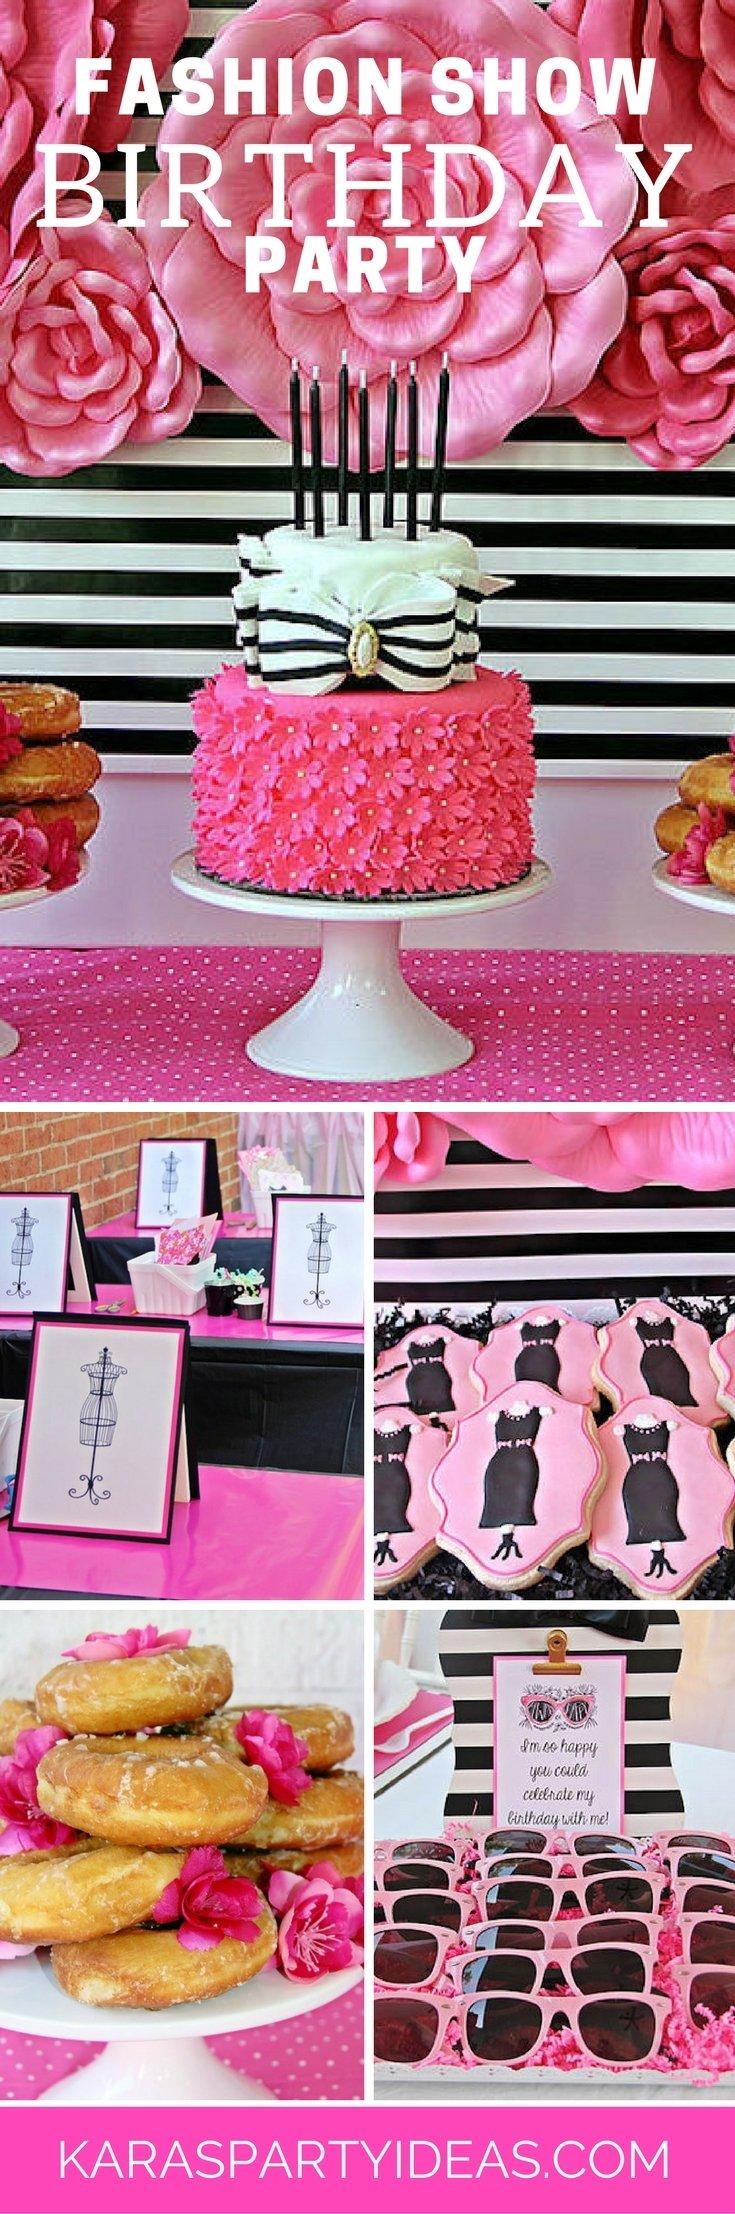 10 Unique Fashion Show Birthday Party Ideas karas party ideas fashion show birthday party karas party ideas 2020